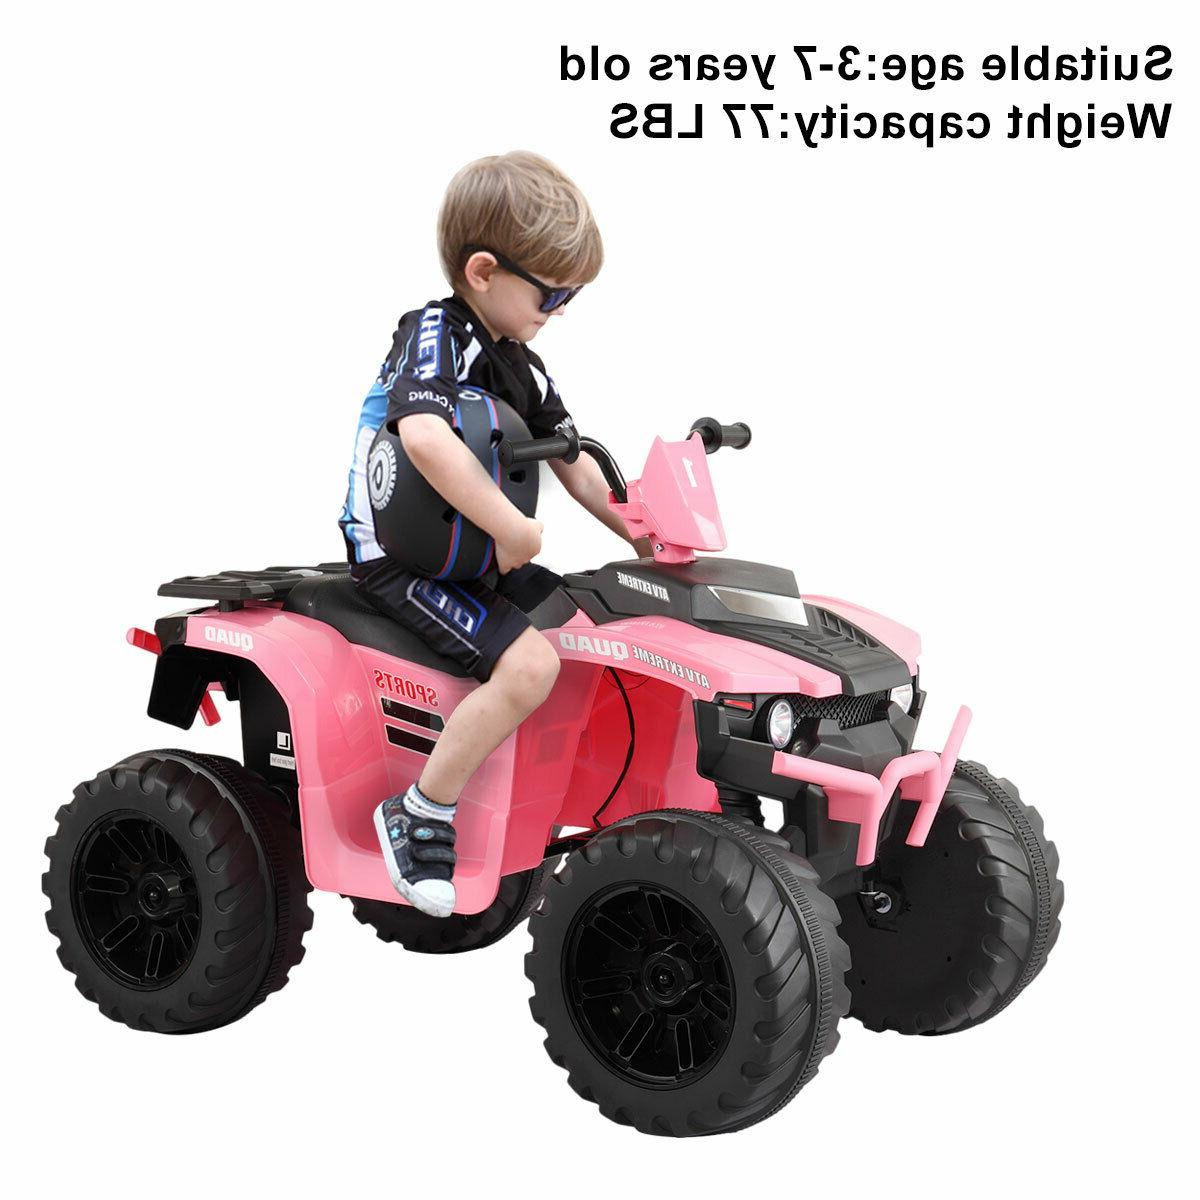 12v kid ride on atv 4 wheels